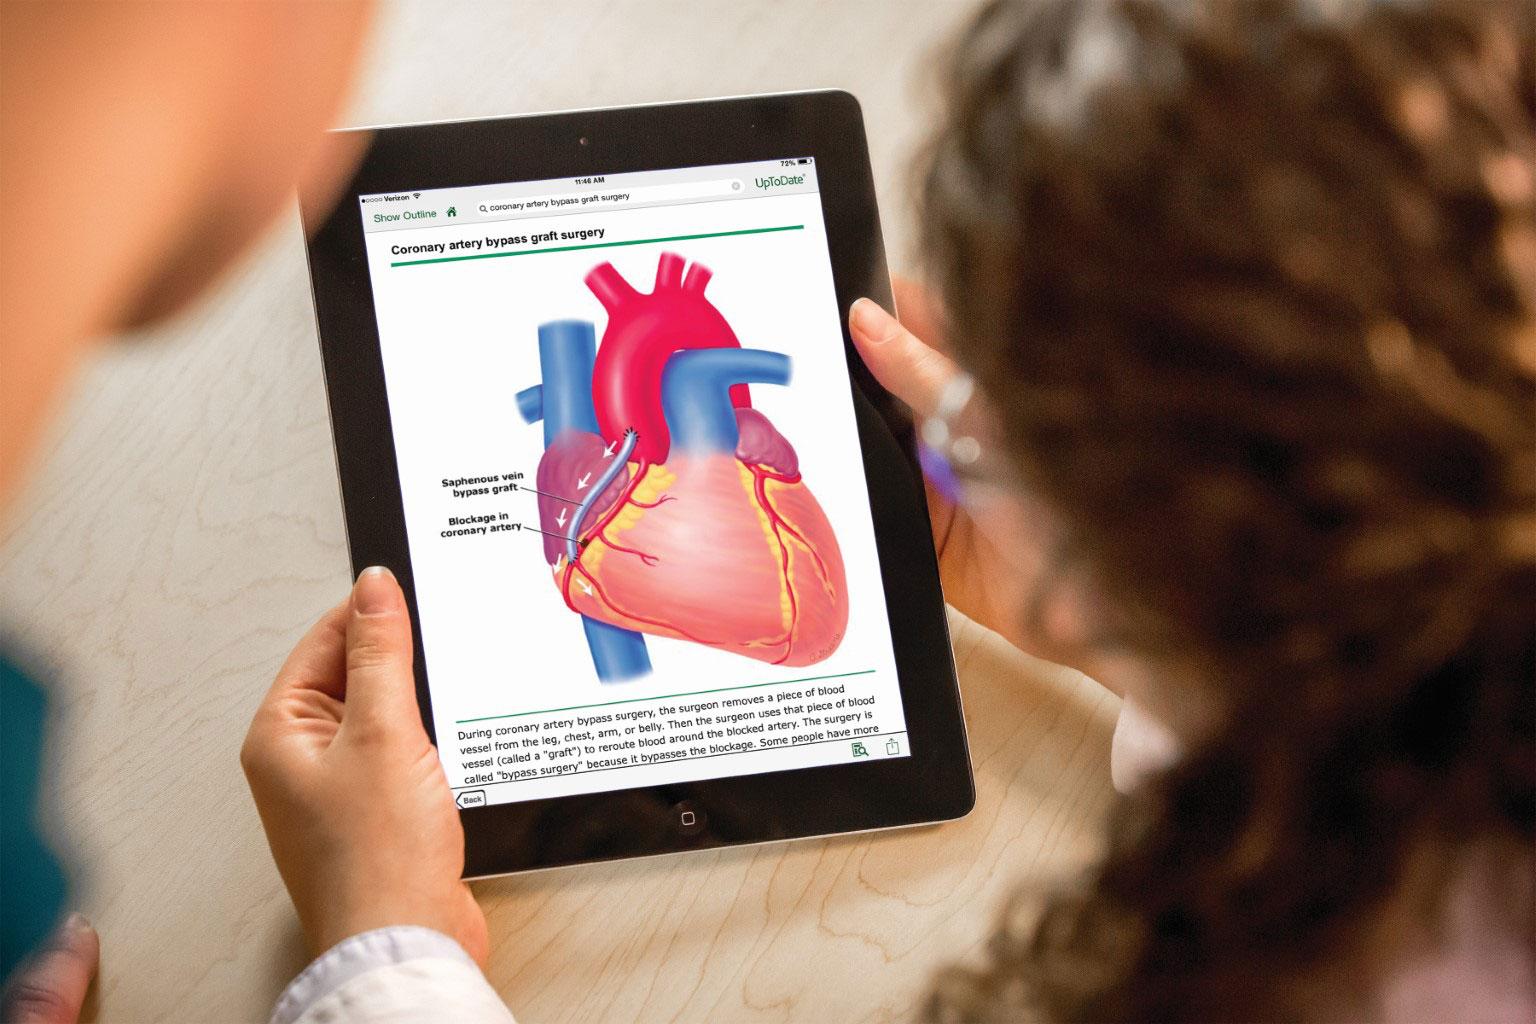 名古屋大学医学部附属病院「最新の知見」を エビデンスとする診療で、医療の質を向上